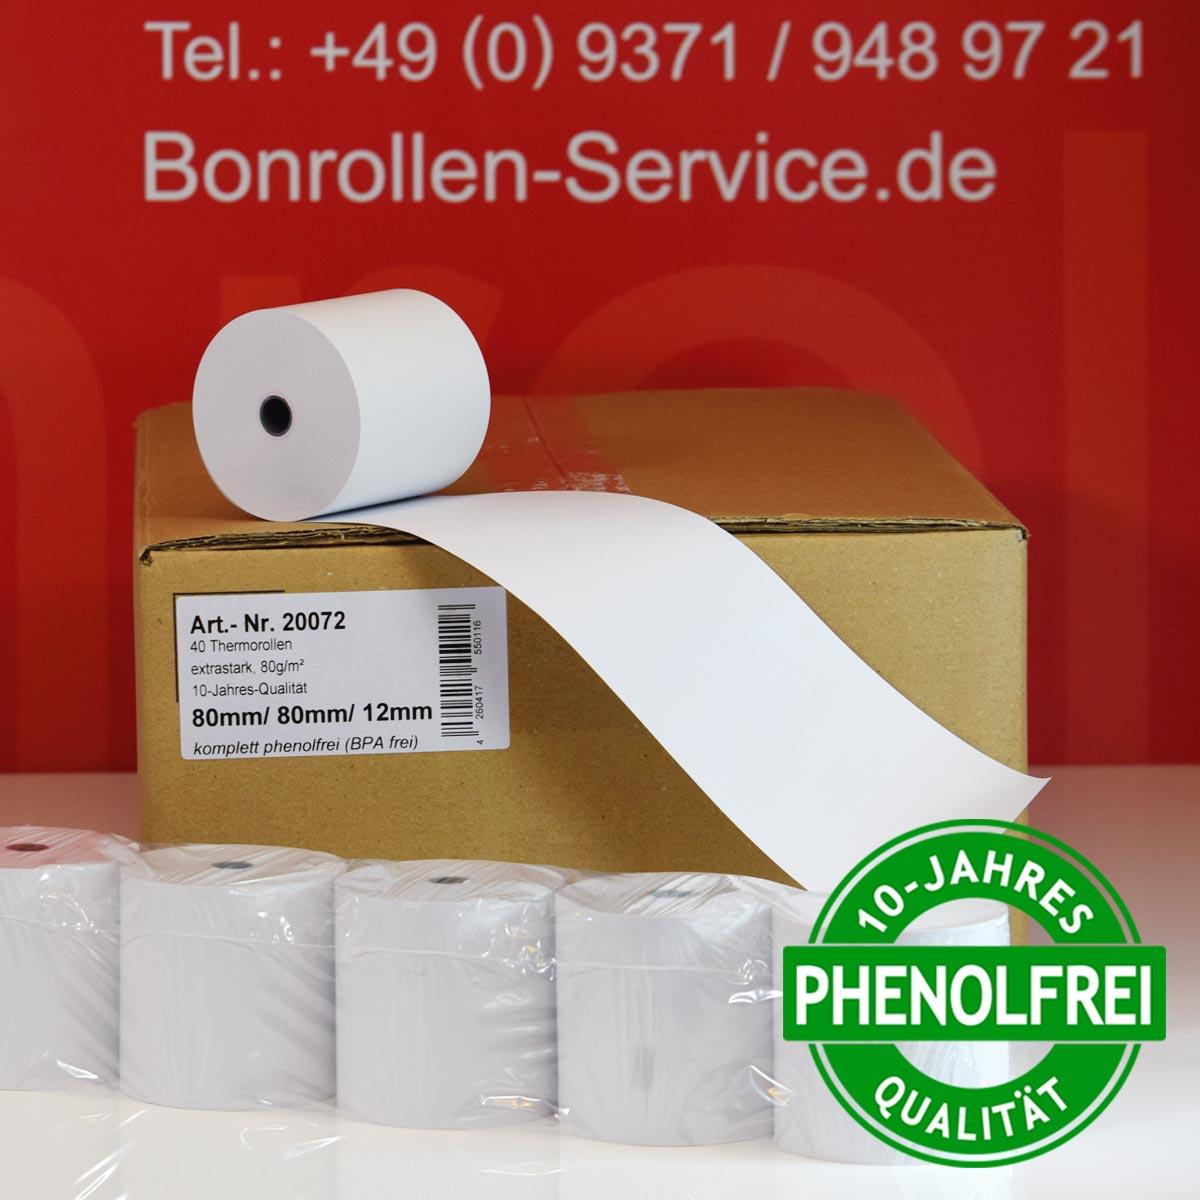 Thermorollen phenolfrei 80 / 80 / 12 weiß, mit extra-starkem Papier